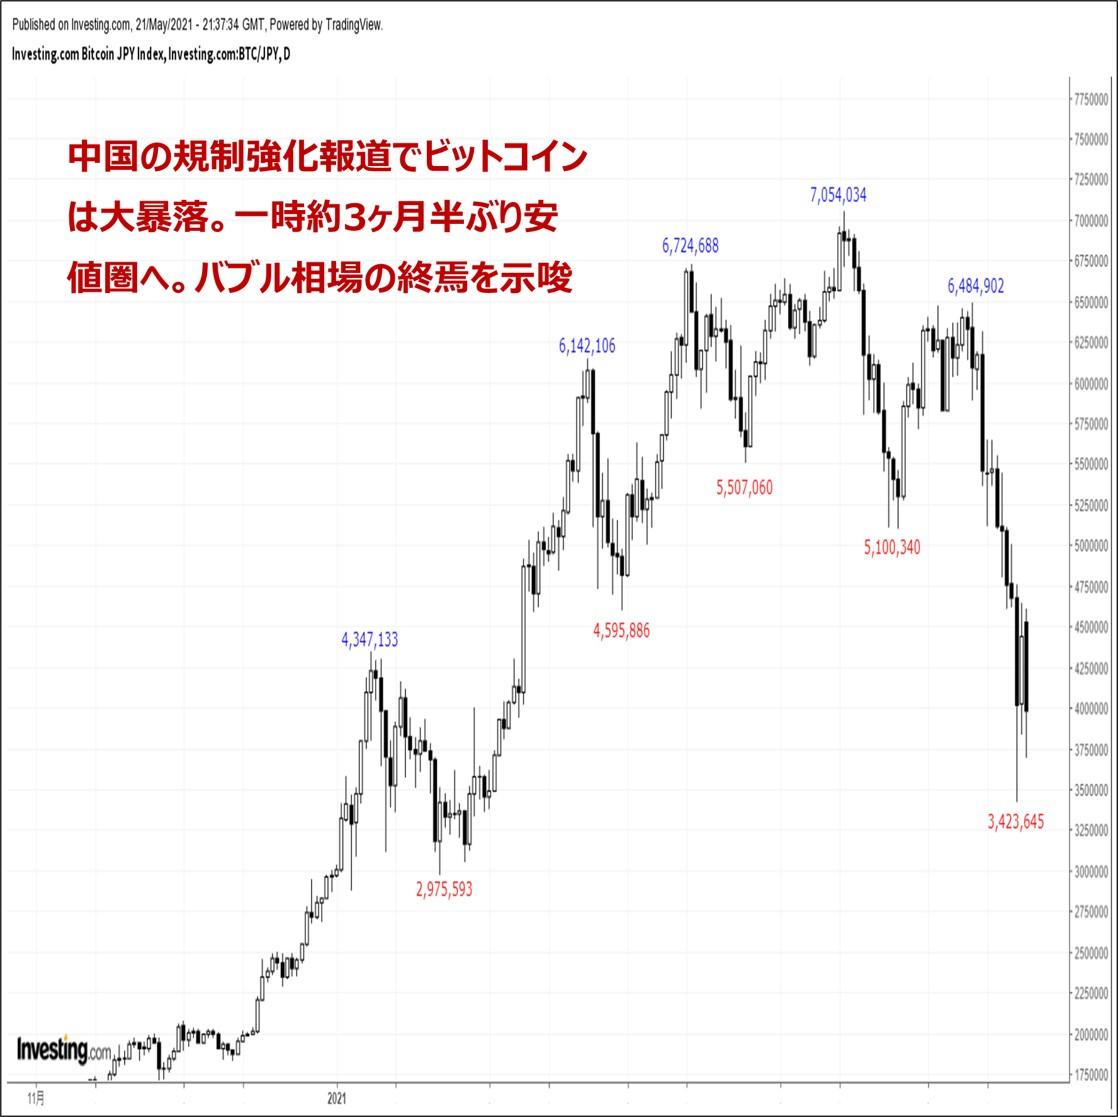 ビットコインの価格分析:『中国の規制強化報道で大暴落。バブル相場の終焉を示唆』(5/22)